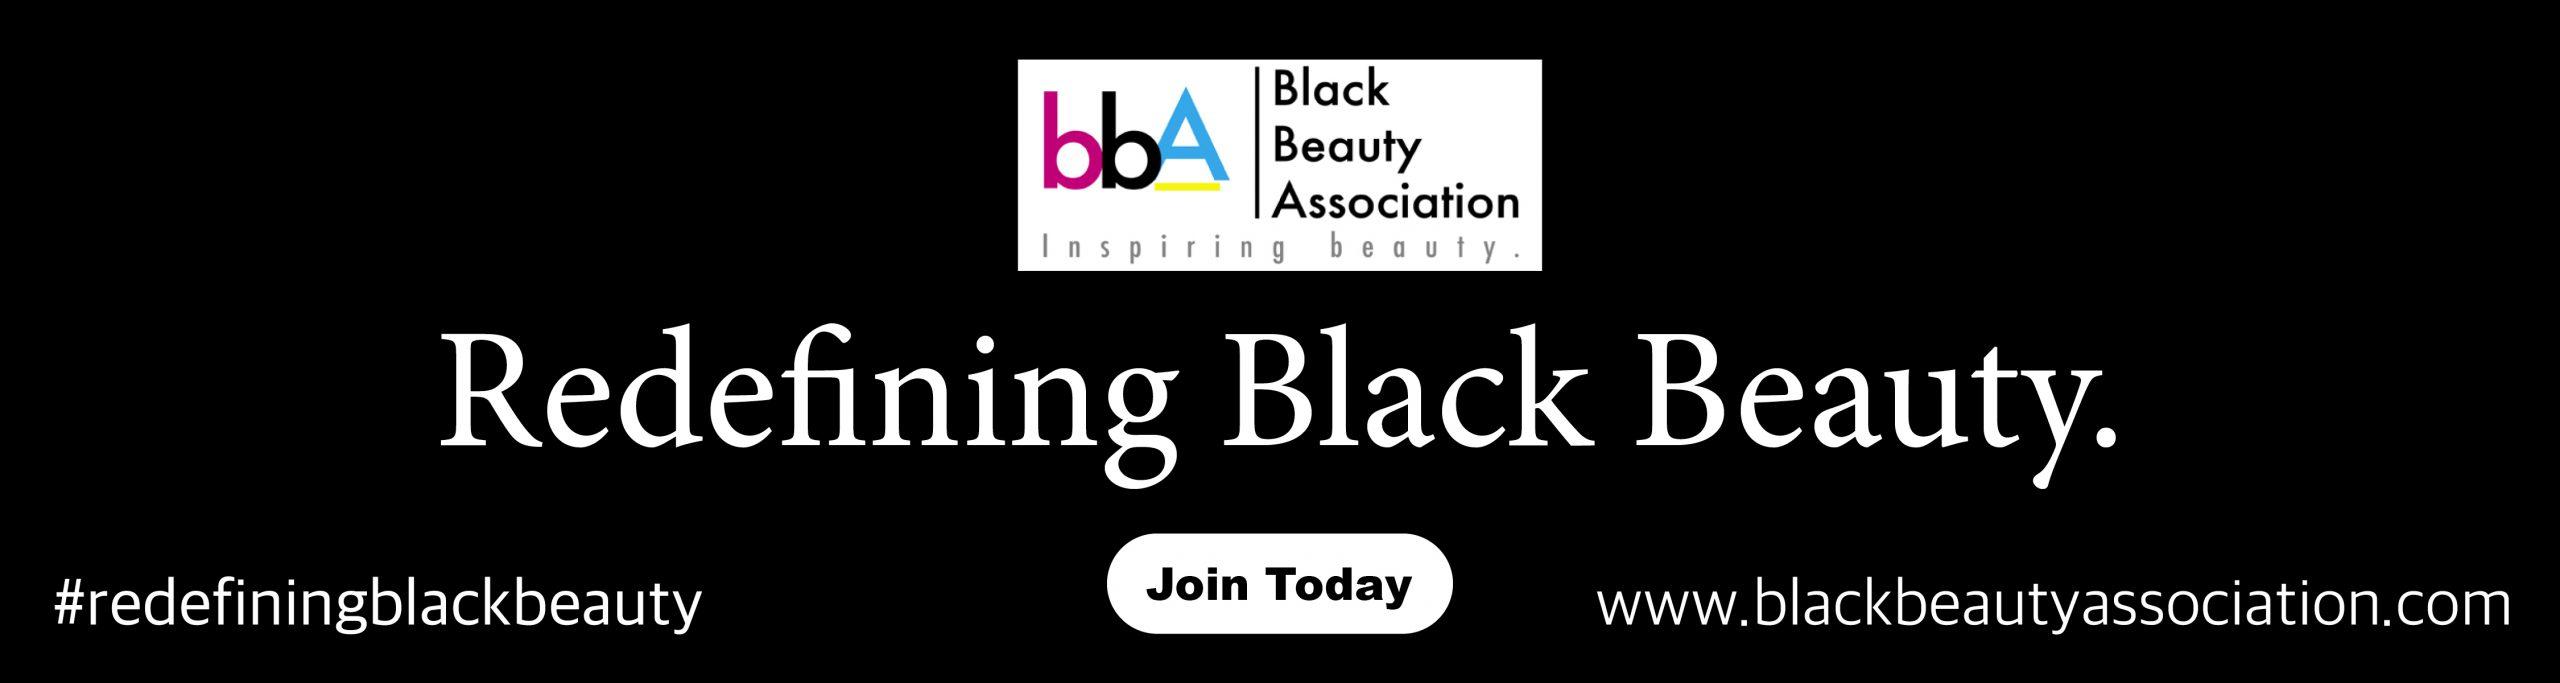 Black Beauty Association Banner